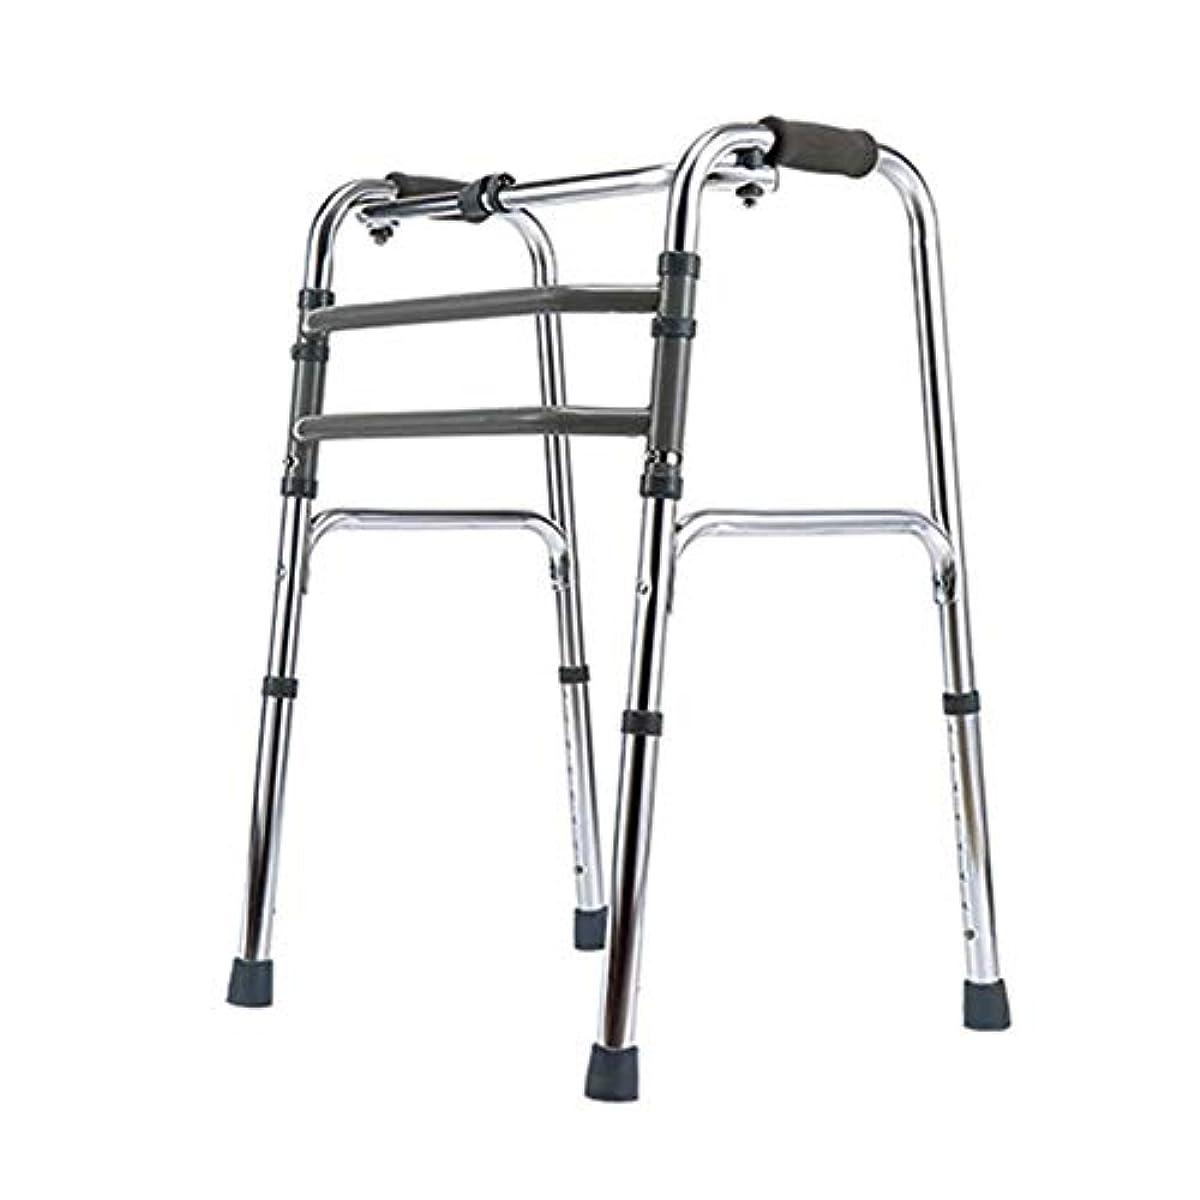 コテージ地中海分注する折る歩くフレーム、軽量の高さの調節可能な歩行者のアルミニウム歩くフレーム